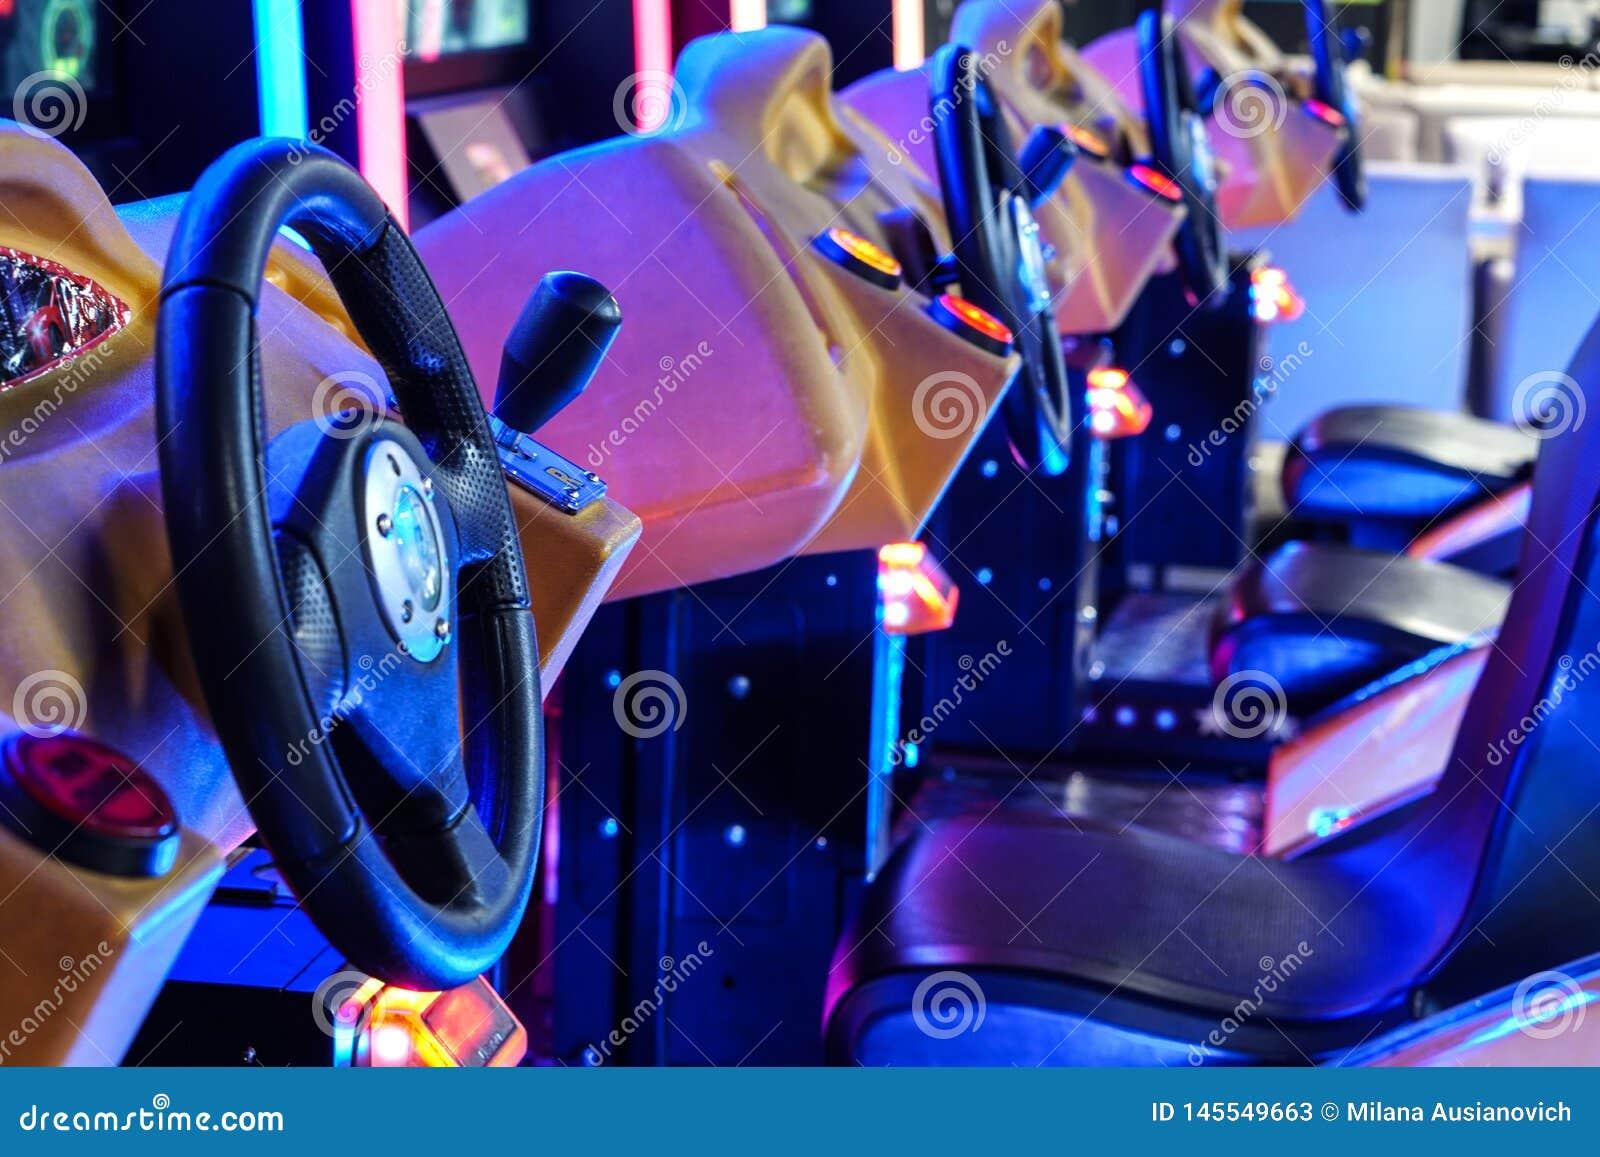 Minsk Belarus - 20 avril 2019 : Machines de conduite aux jeux ?lectroniques dans la zone de divertissement au centre commercial d